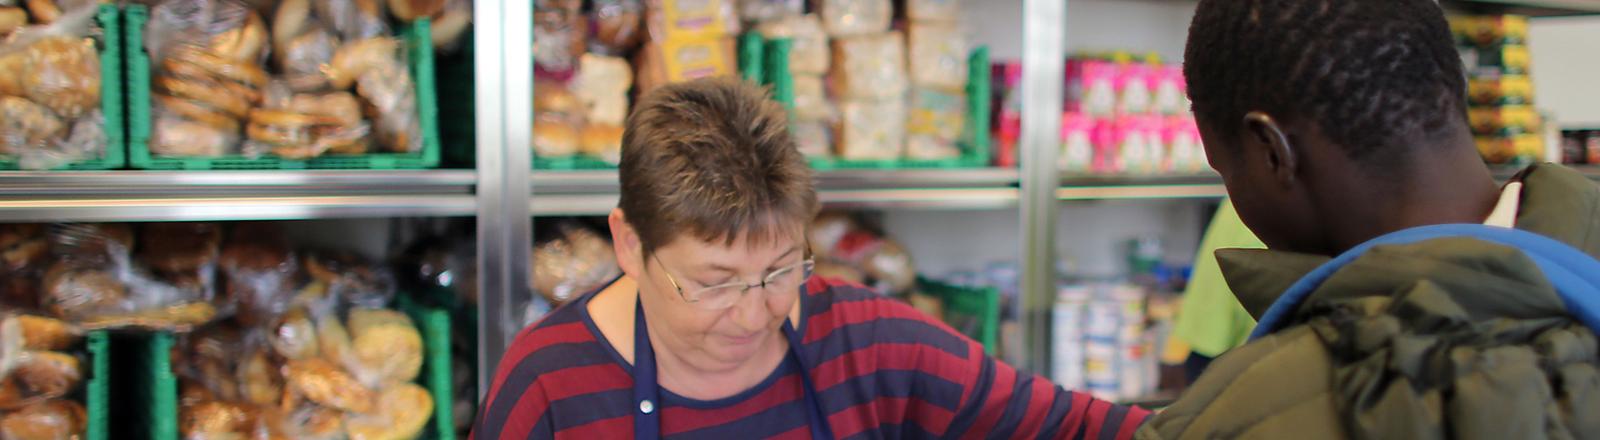 Mitarbeiter der Tafel geben am 30.10.2015 in Mechernich (Nordrhein-Westfalen) Lebensmittel an Flüchtlinge aus. An den Tafeln in Deutschland wird der Ton durch den Flüchtlingsandrang schärfer.